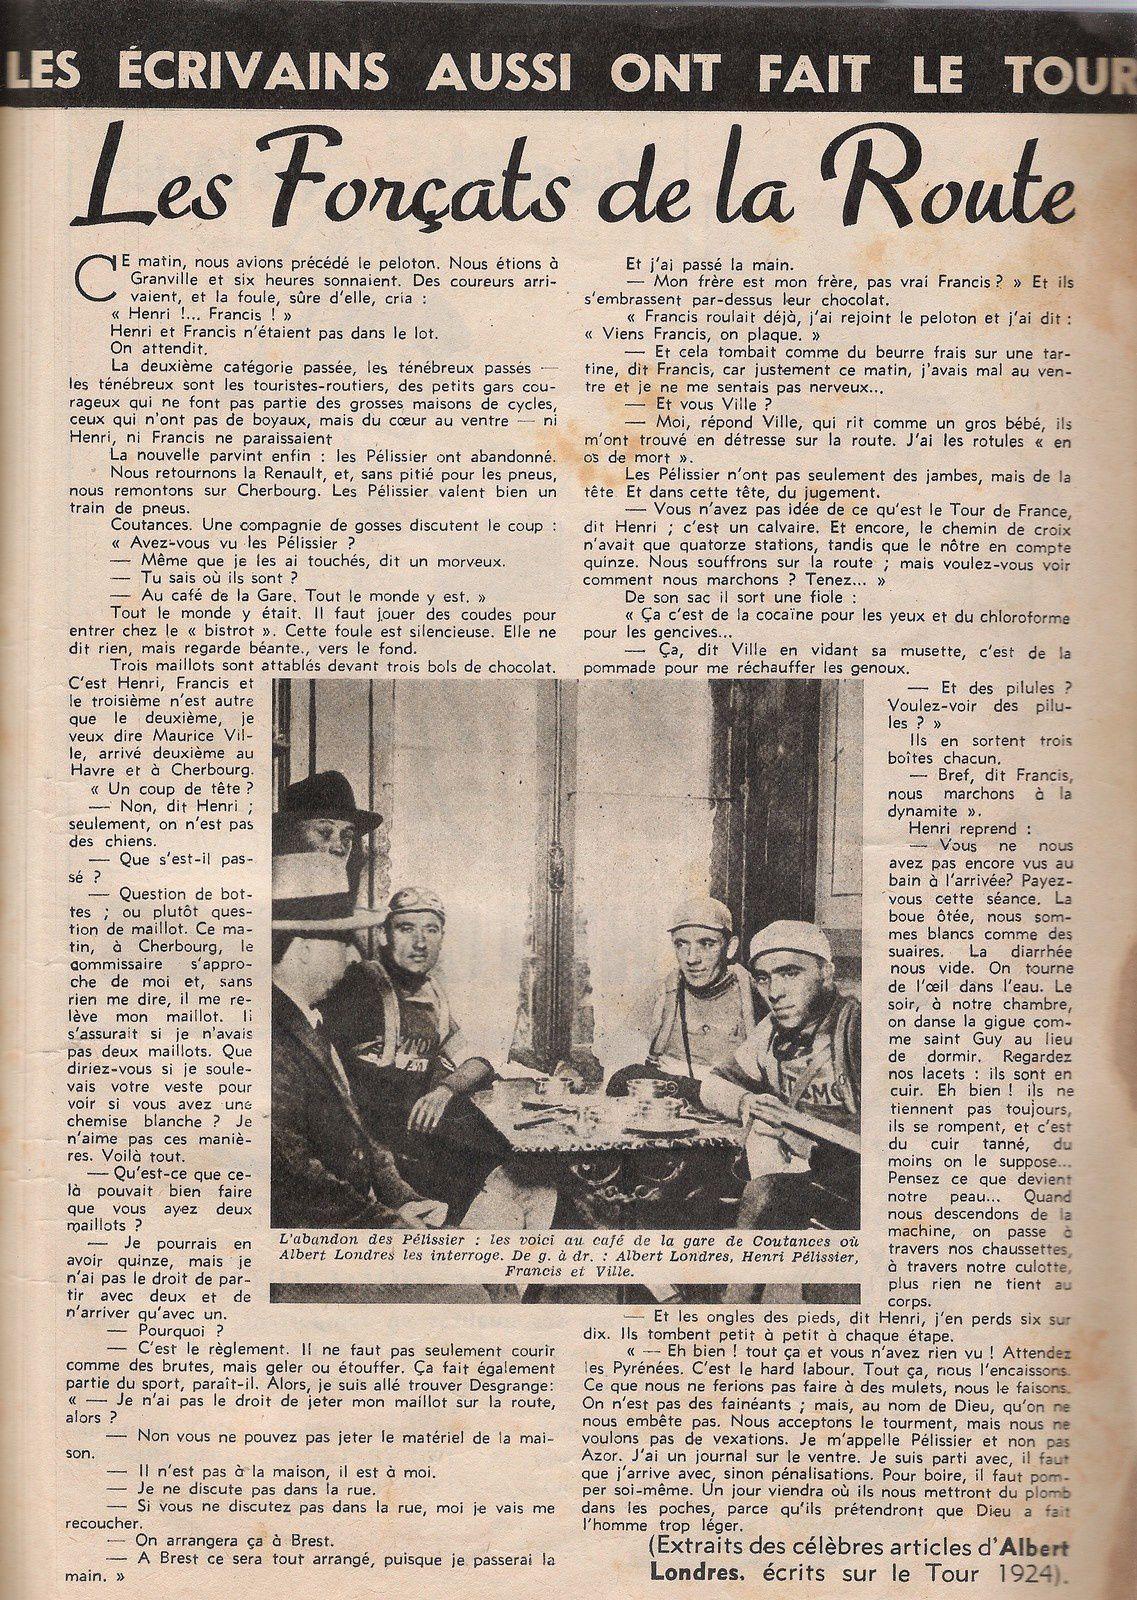 (Extraits des célèbres articles d'Albert Londres, écrits sur le Tour 1924) - Collection personnelle Philippe POISSON